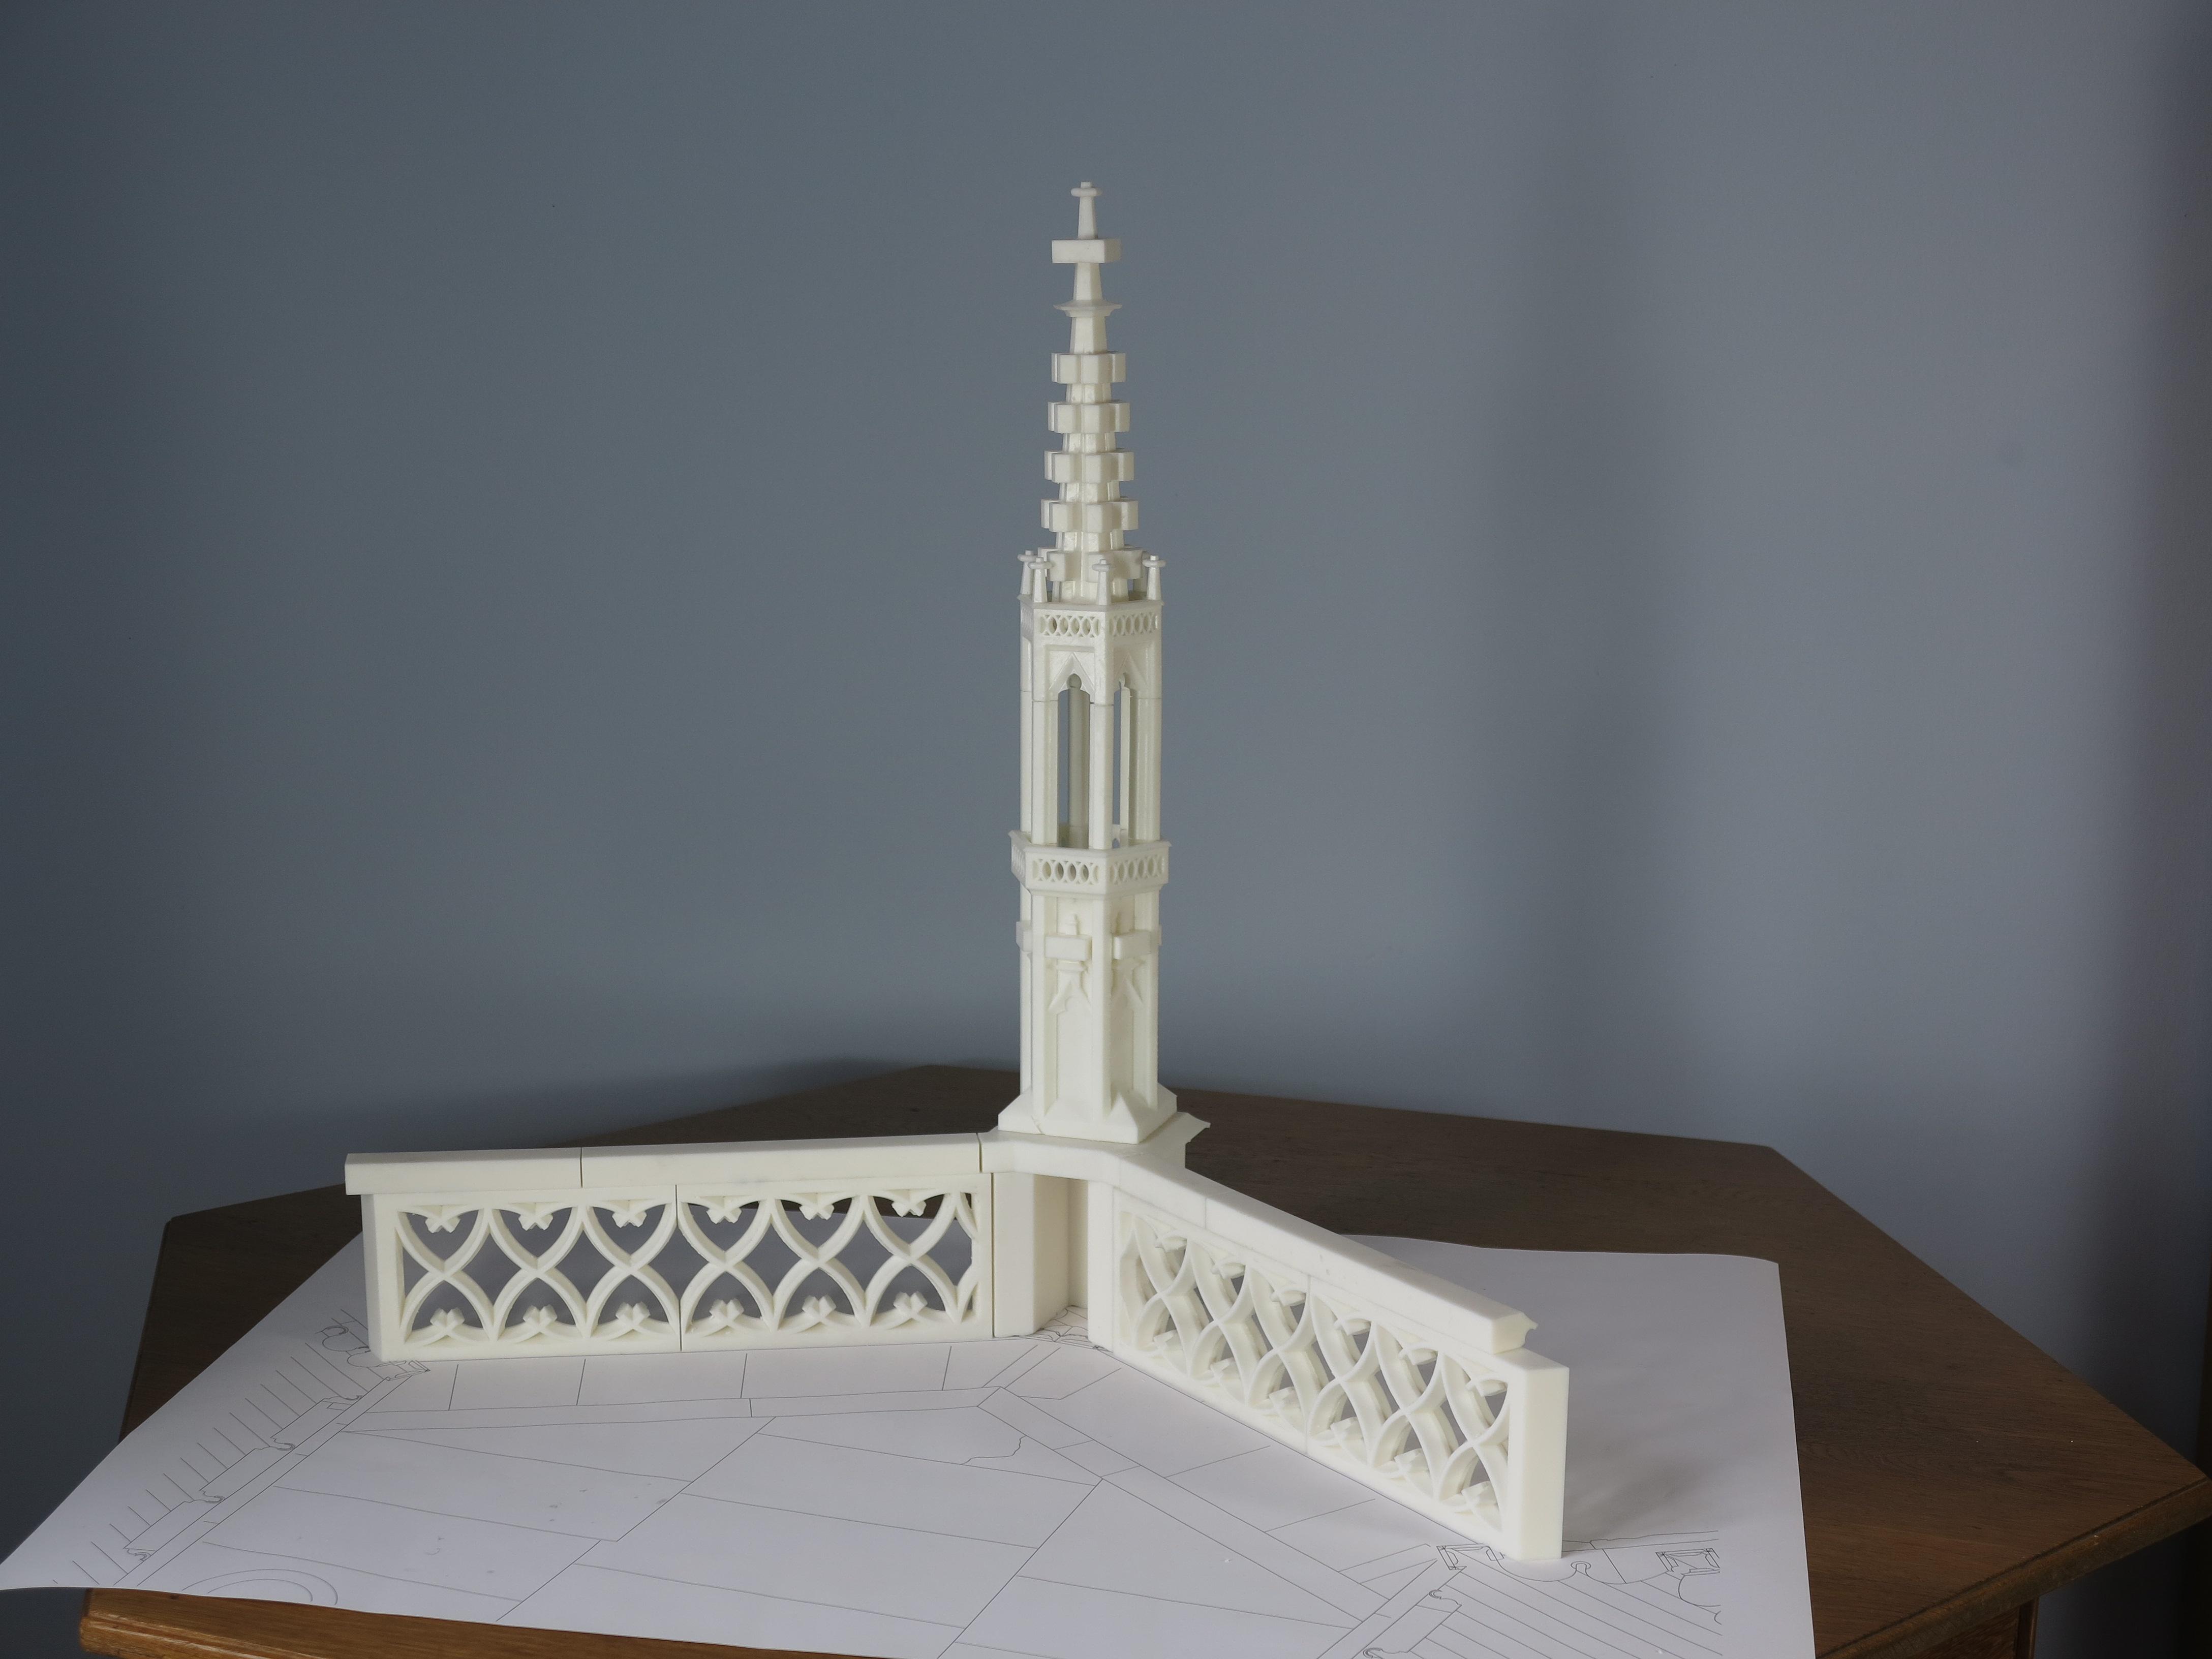 3D-Modell der Musterachse, der Kapellenpfeiler 15, mit angrenzenden Maßwerkfeldern im Maßstab 1:10.